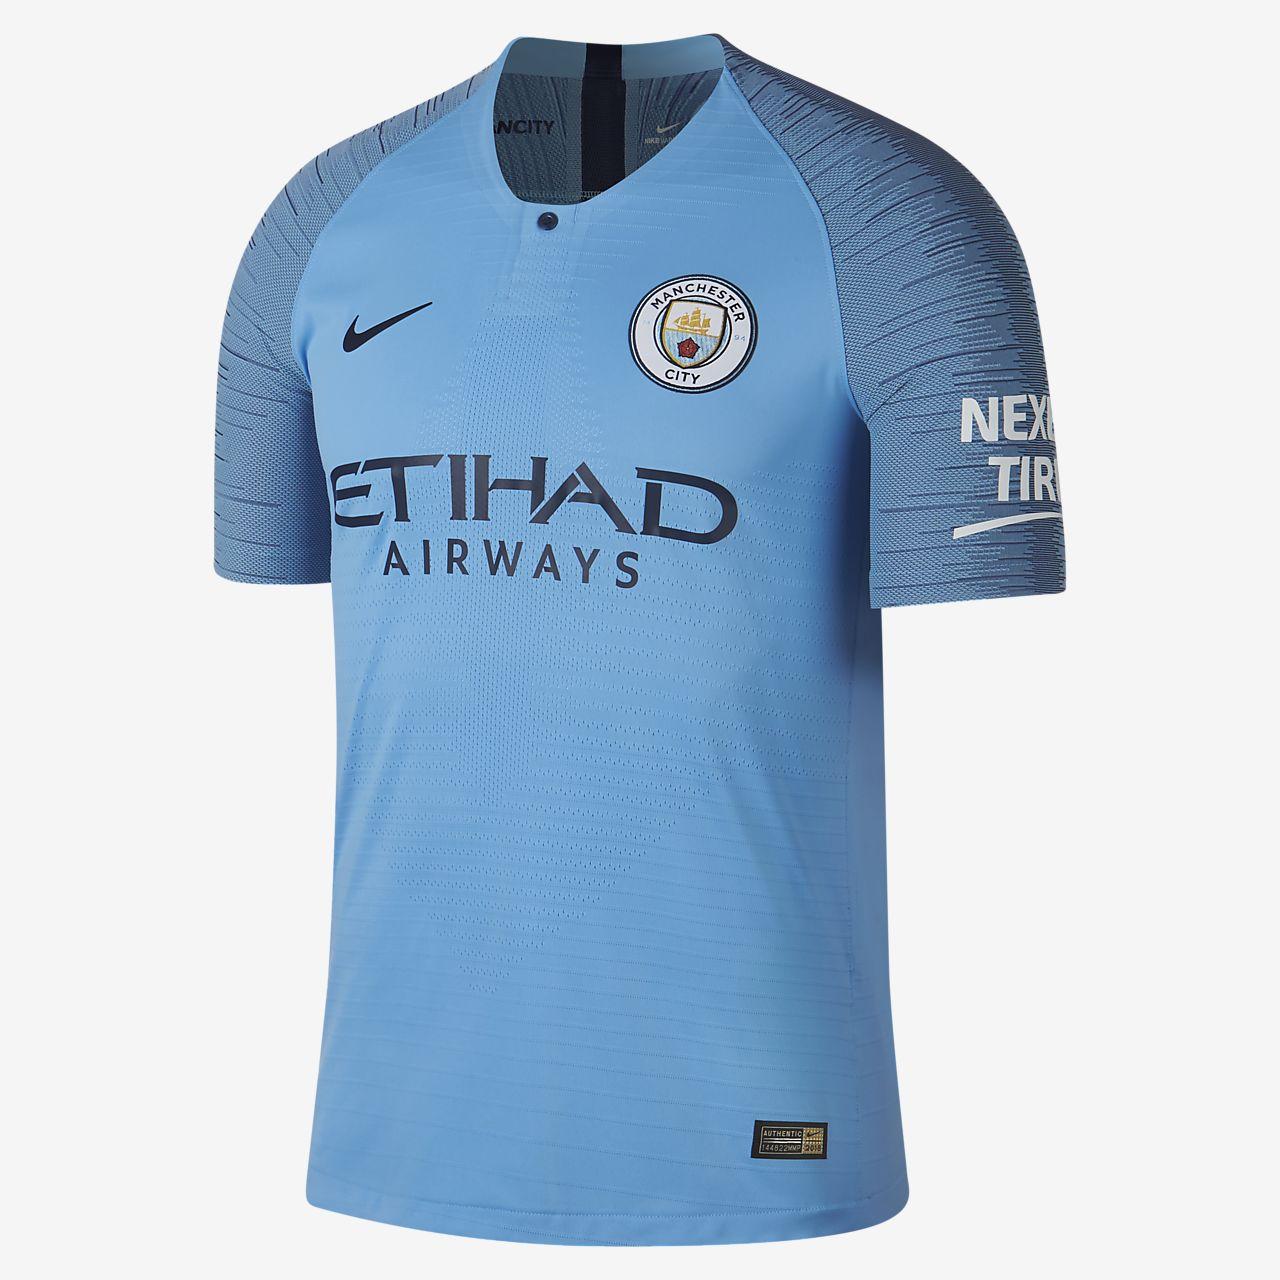 2018/19 Manchester City FC Vapor Match Home Men's Football Shirt